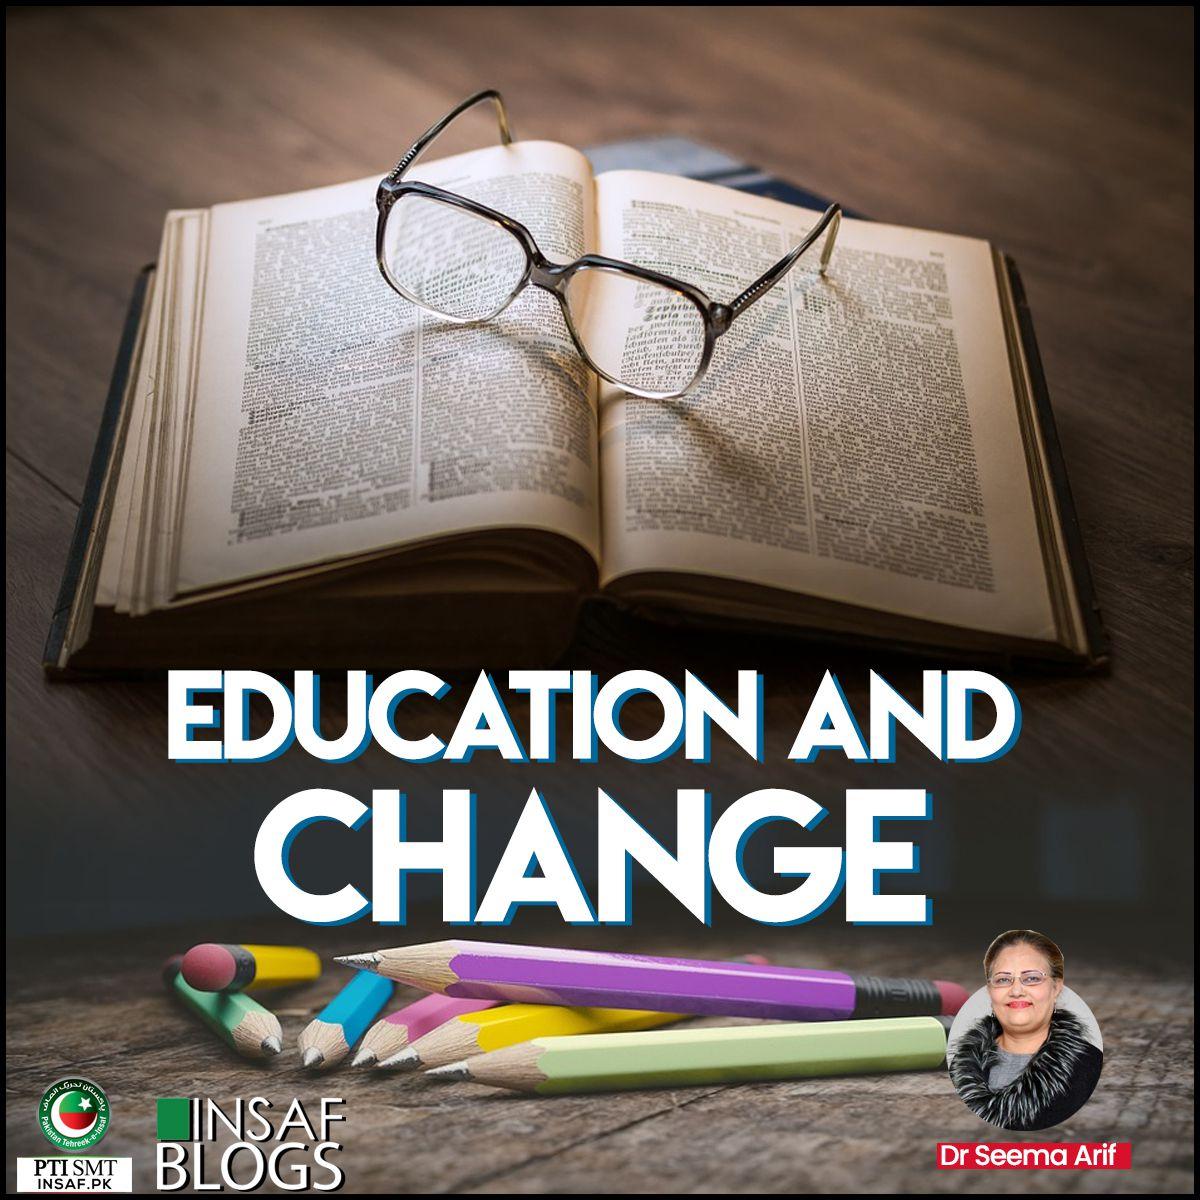 education-change-insaf-blog